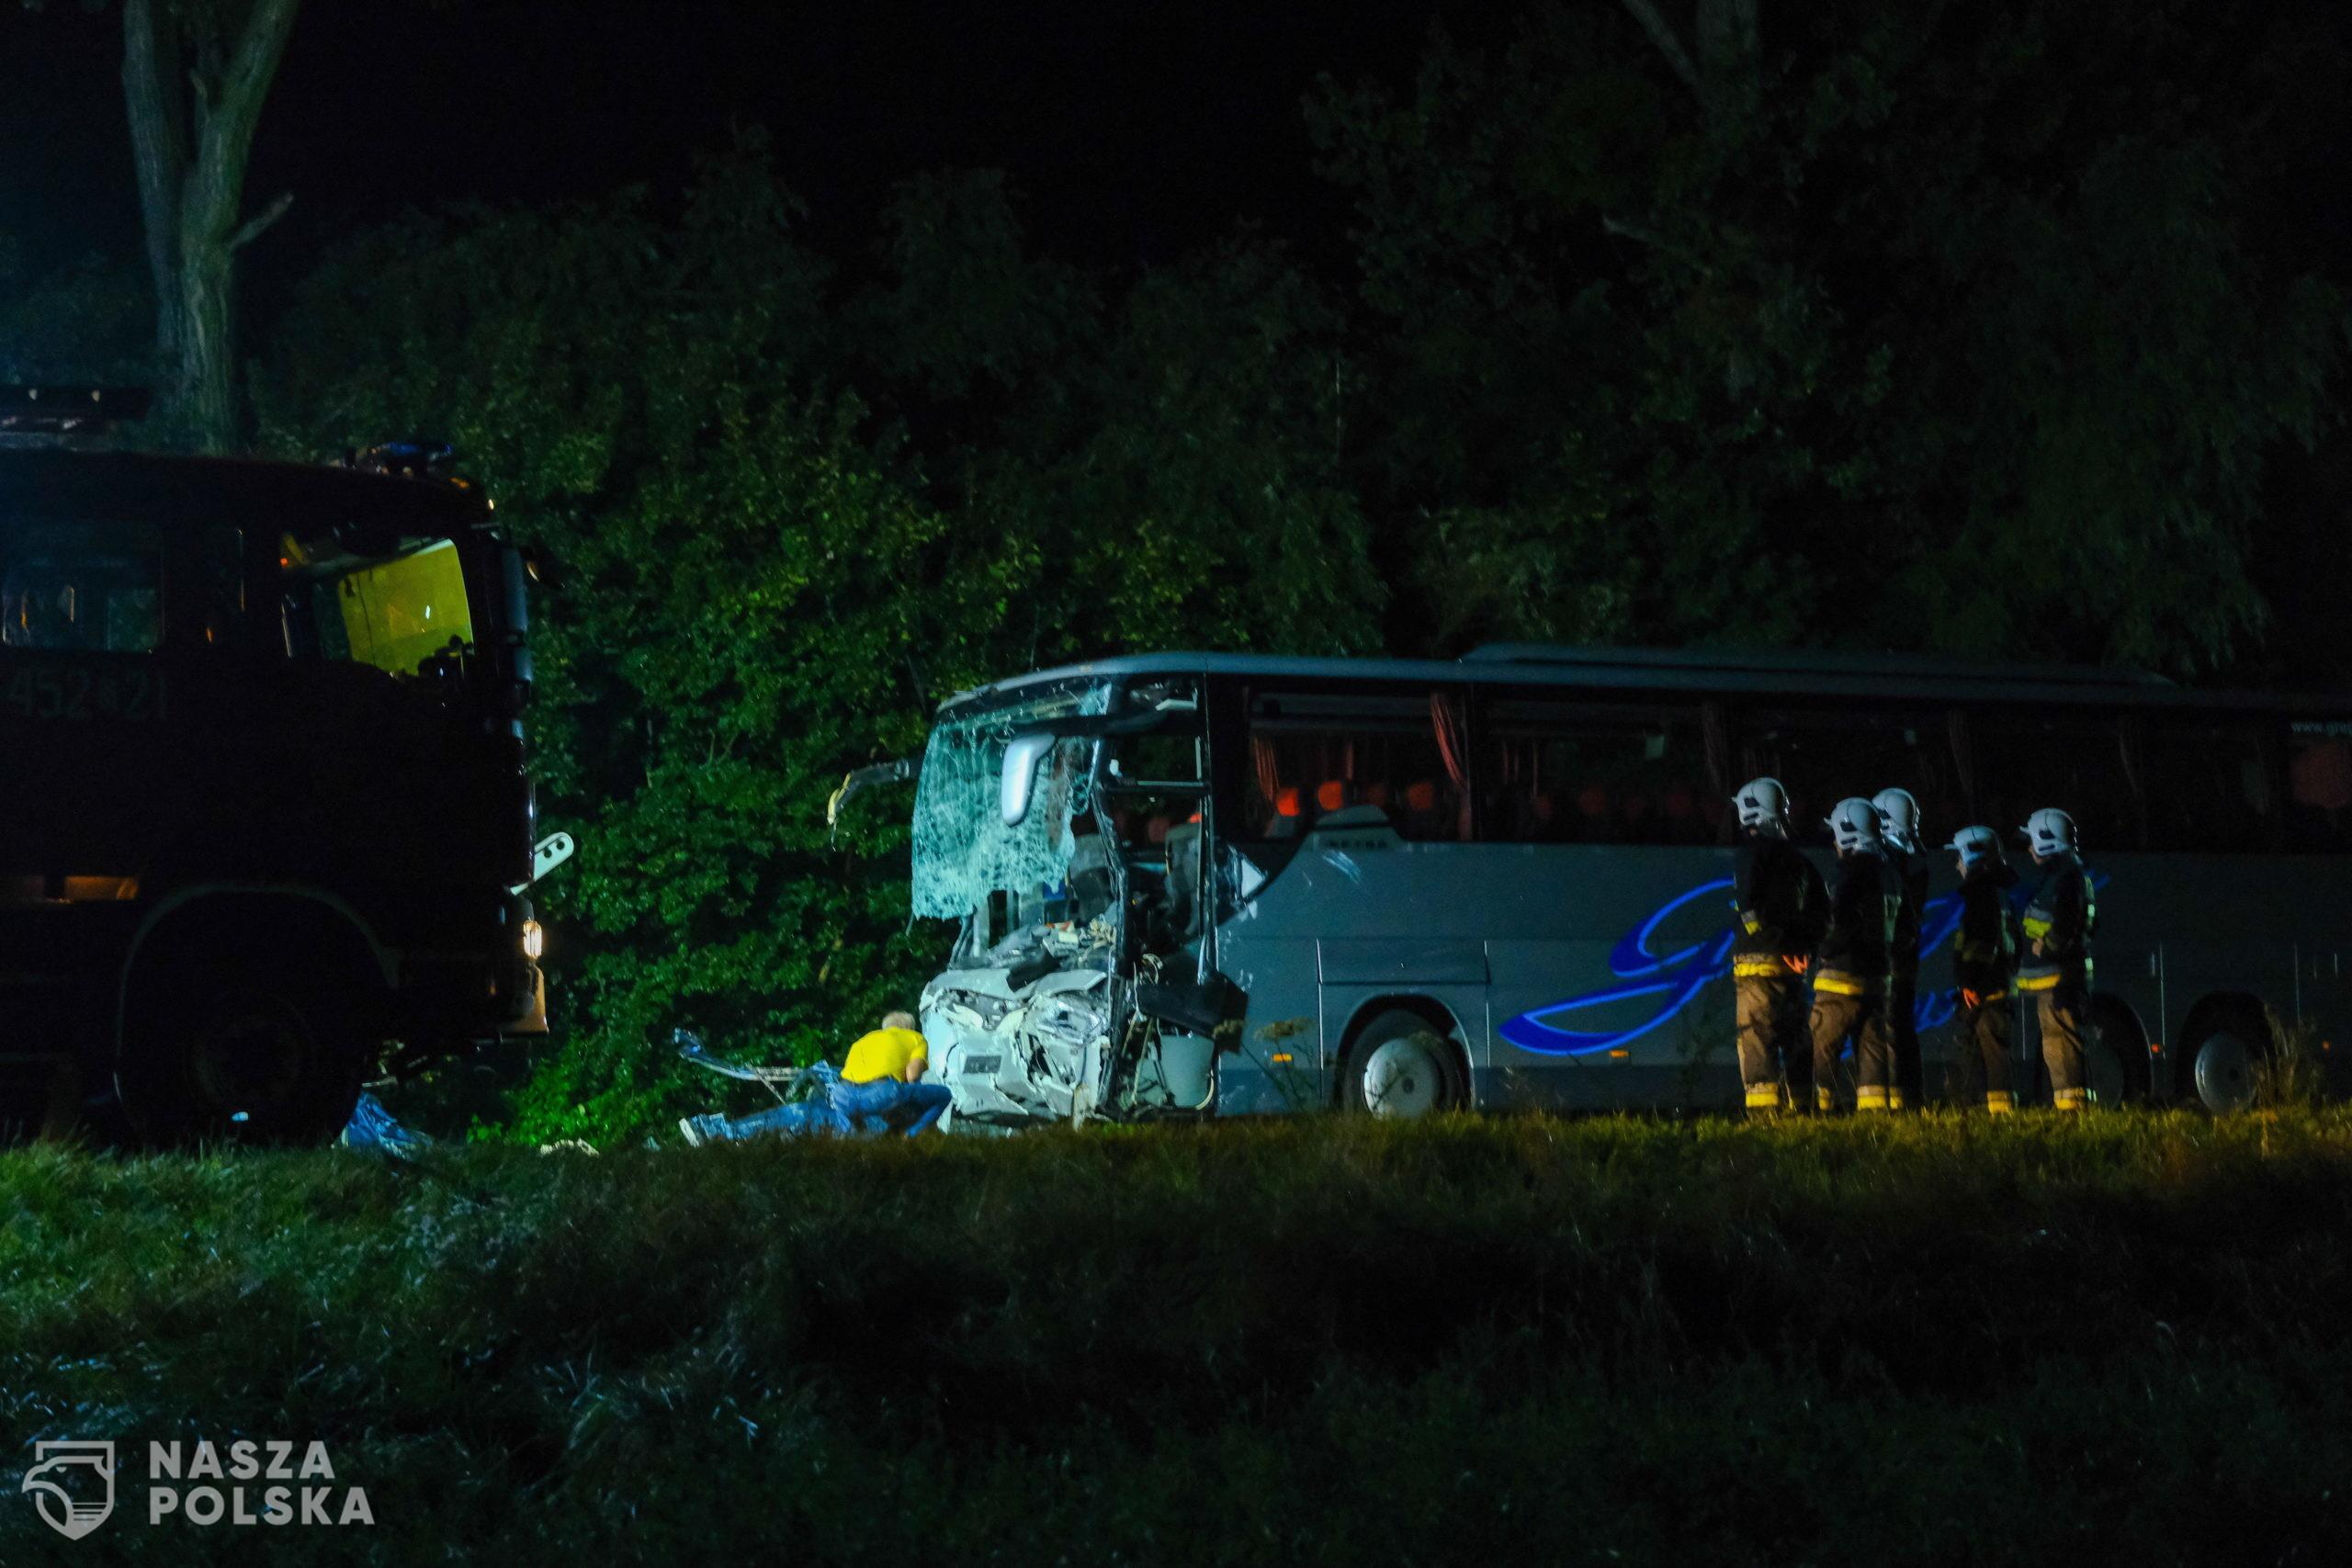 Kleszczów, 23.08.2020. S³u¿by na miejscu tragicznego wypadku w miejscowoœci Kleszczów w nocy z 22 na 23 bm. Na drodze krajowej 88 dosz³o do zdarzenia busa i autokaru, w wyniku którego dziewiêæ osób zginê³o, a siedem odnios³o obra¿enia Zginê³y wszystkie osoby jad¹ce busem. Rannych zosta³o siedem osób jad¹cych autokarem, w najpowa¿niejszym stanie jest kierowca.  (kf) PAP/Hanna Bardo